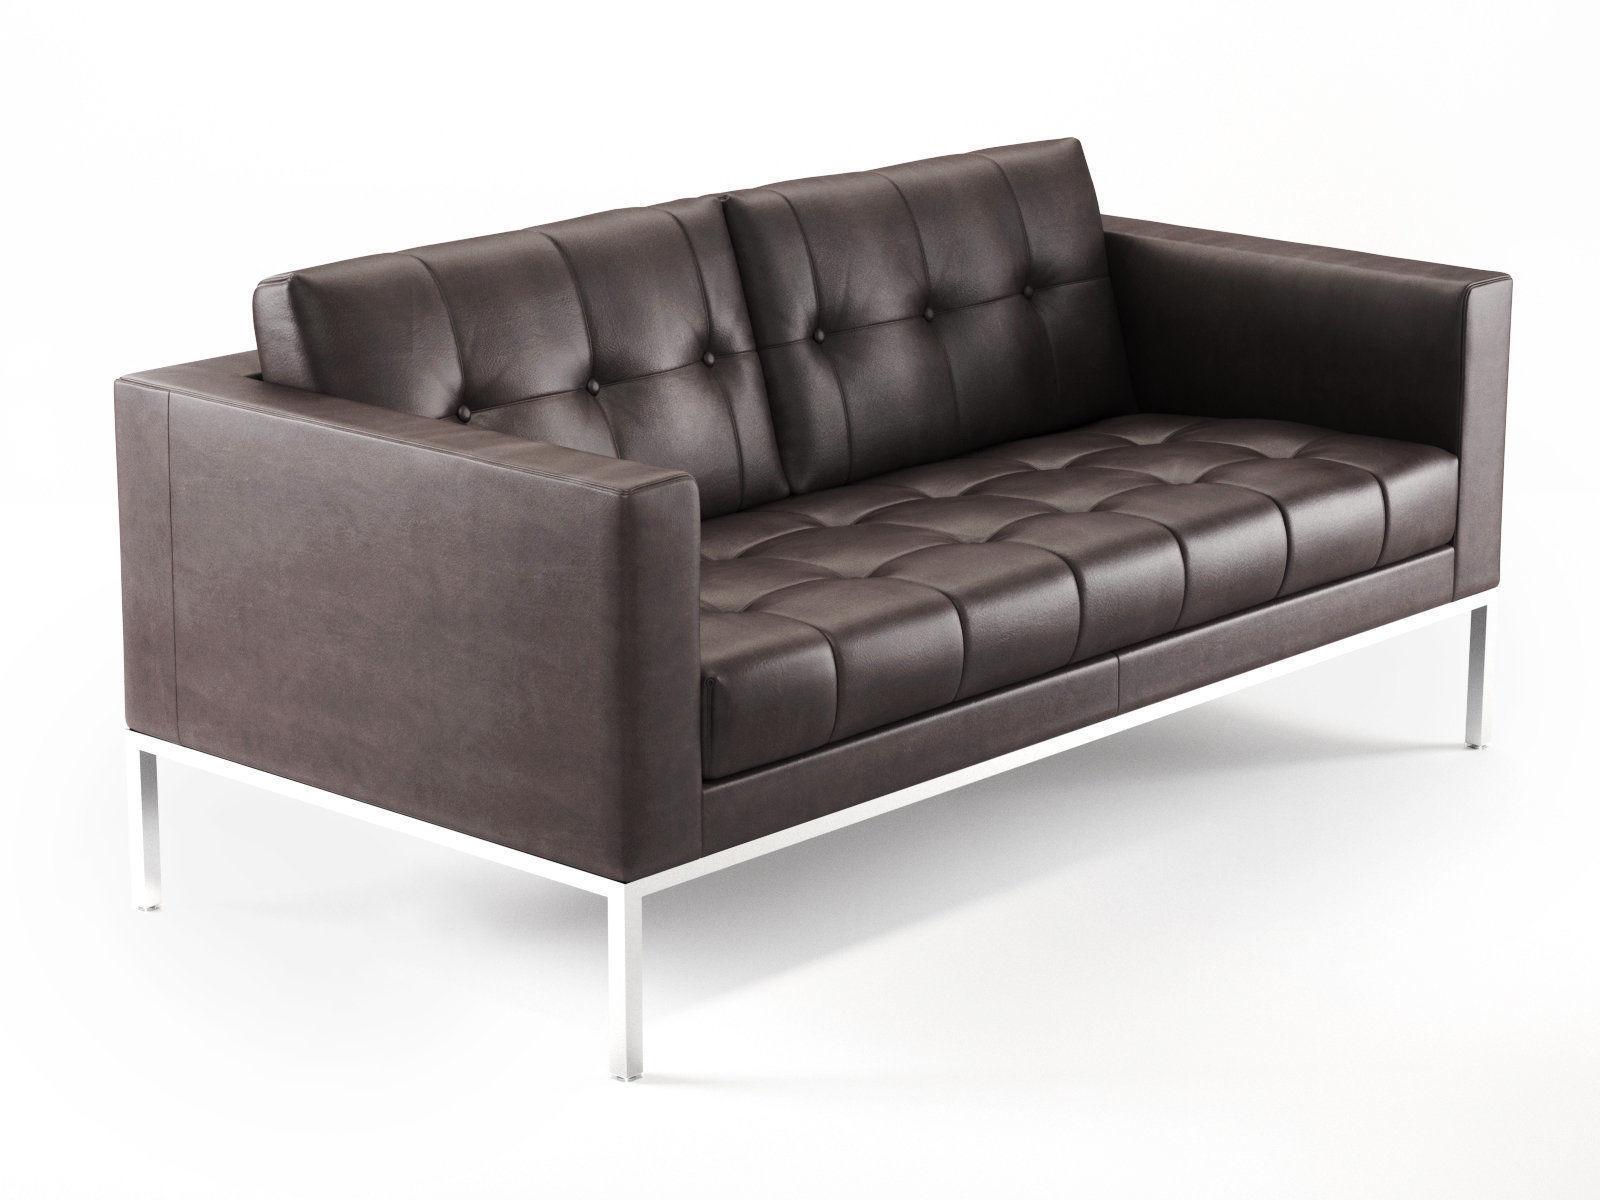 DS 159 Sofa